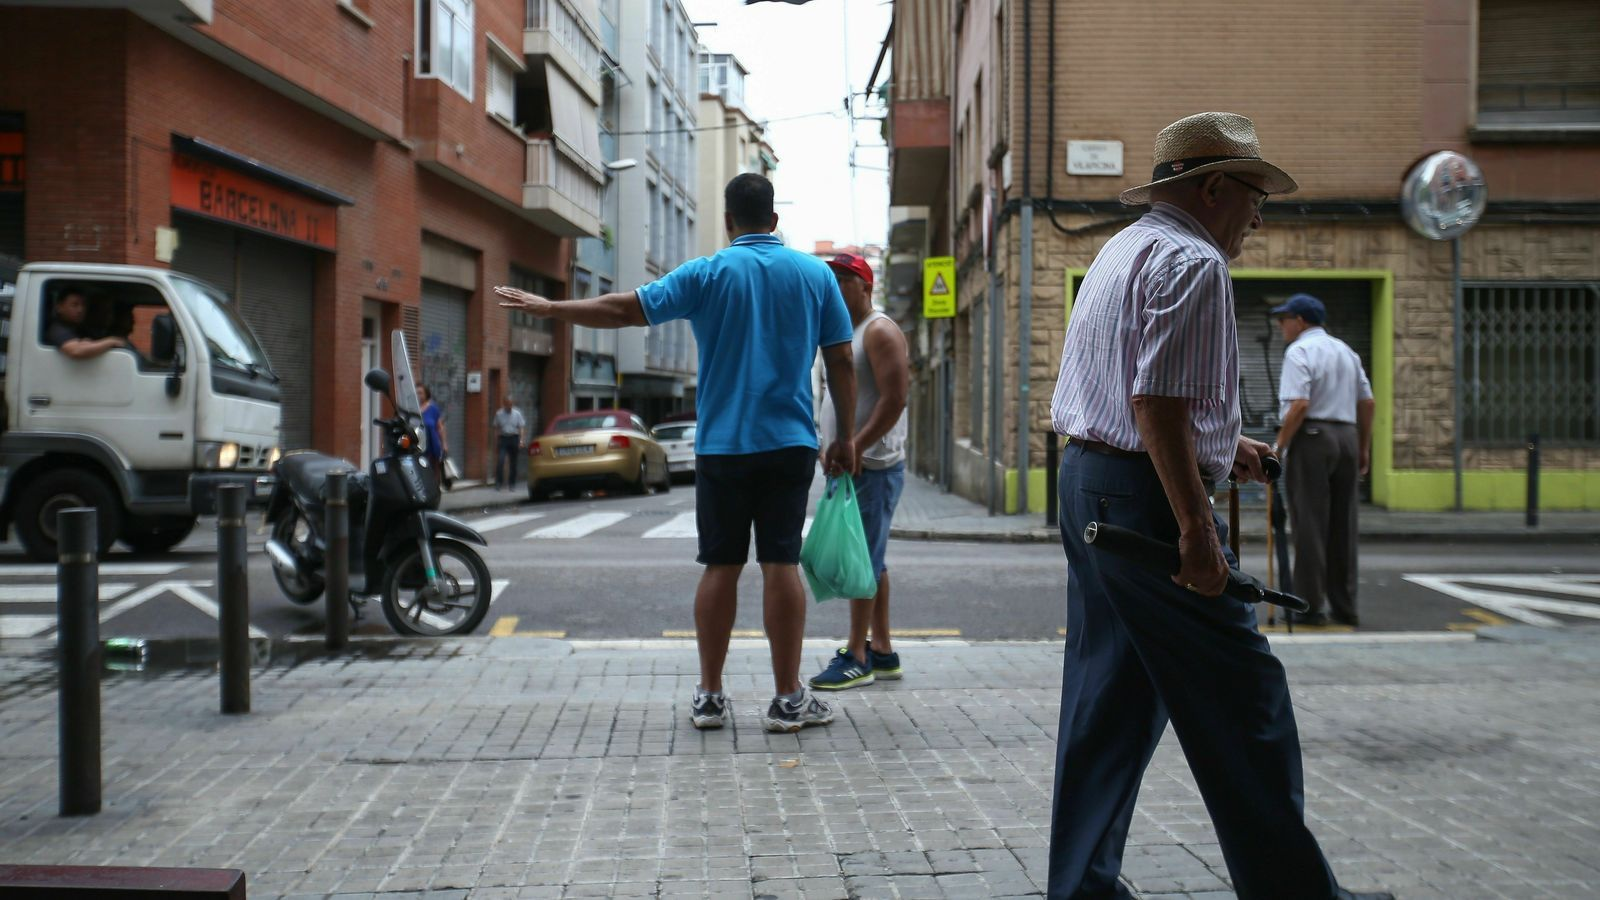 Un nou apunyalament mortal eleva a vuit els homicidis a Barcelona en 41 dies